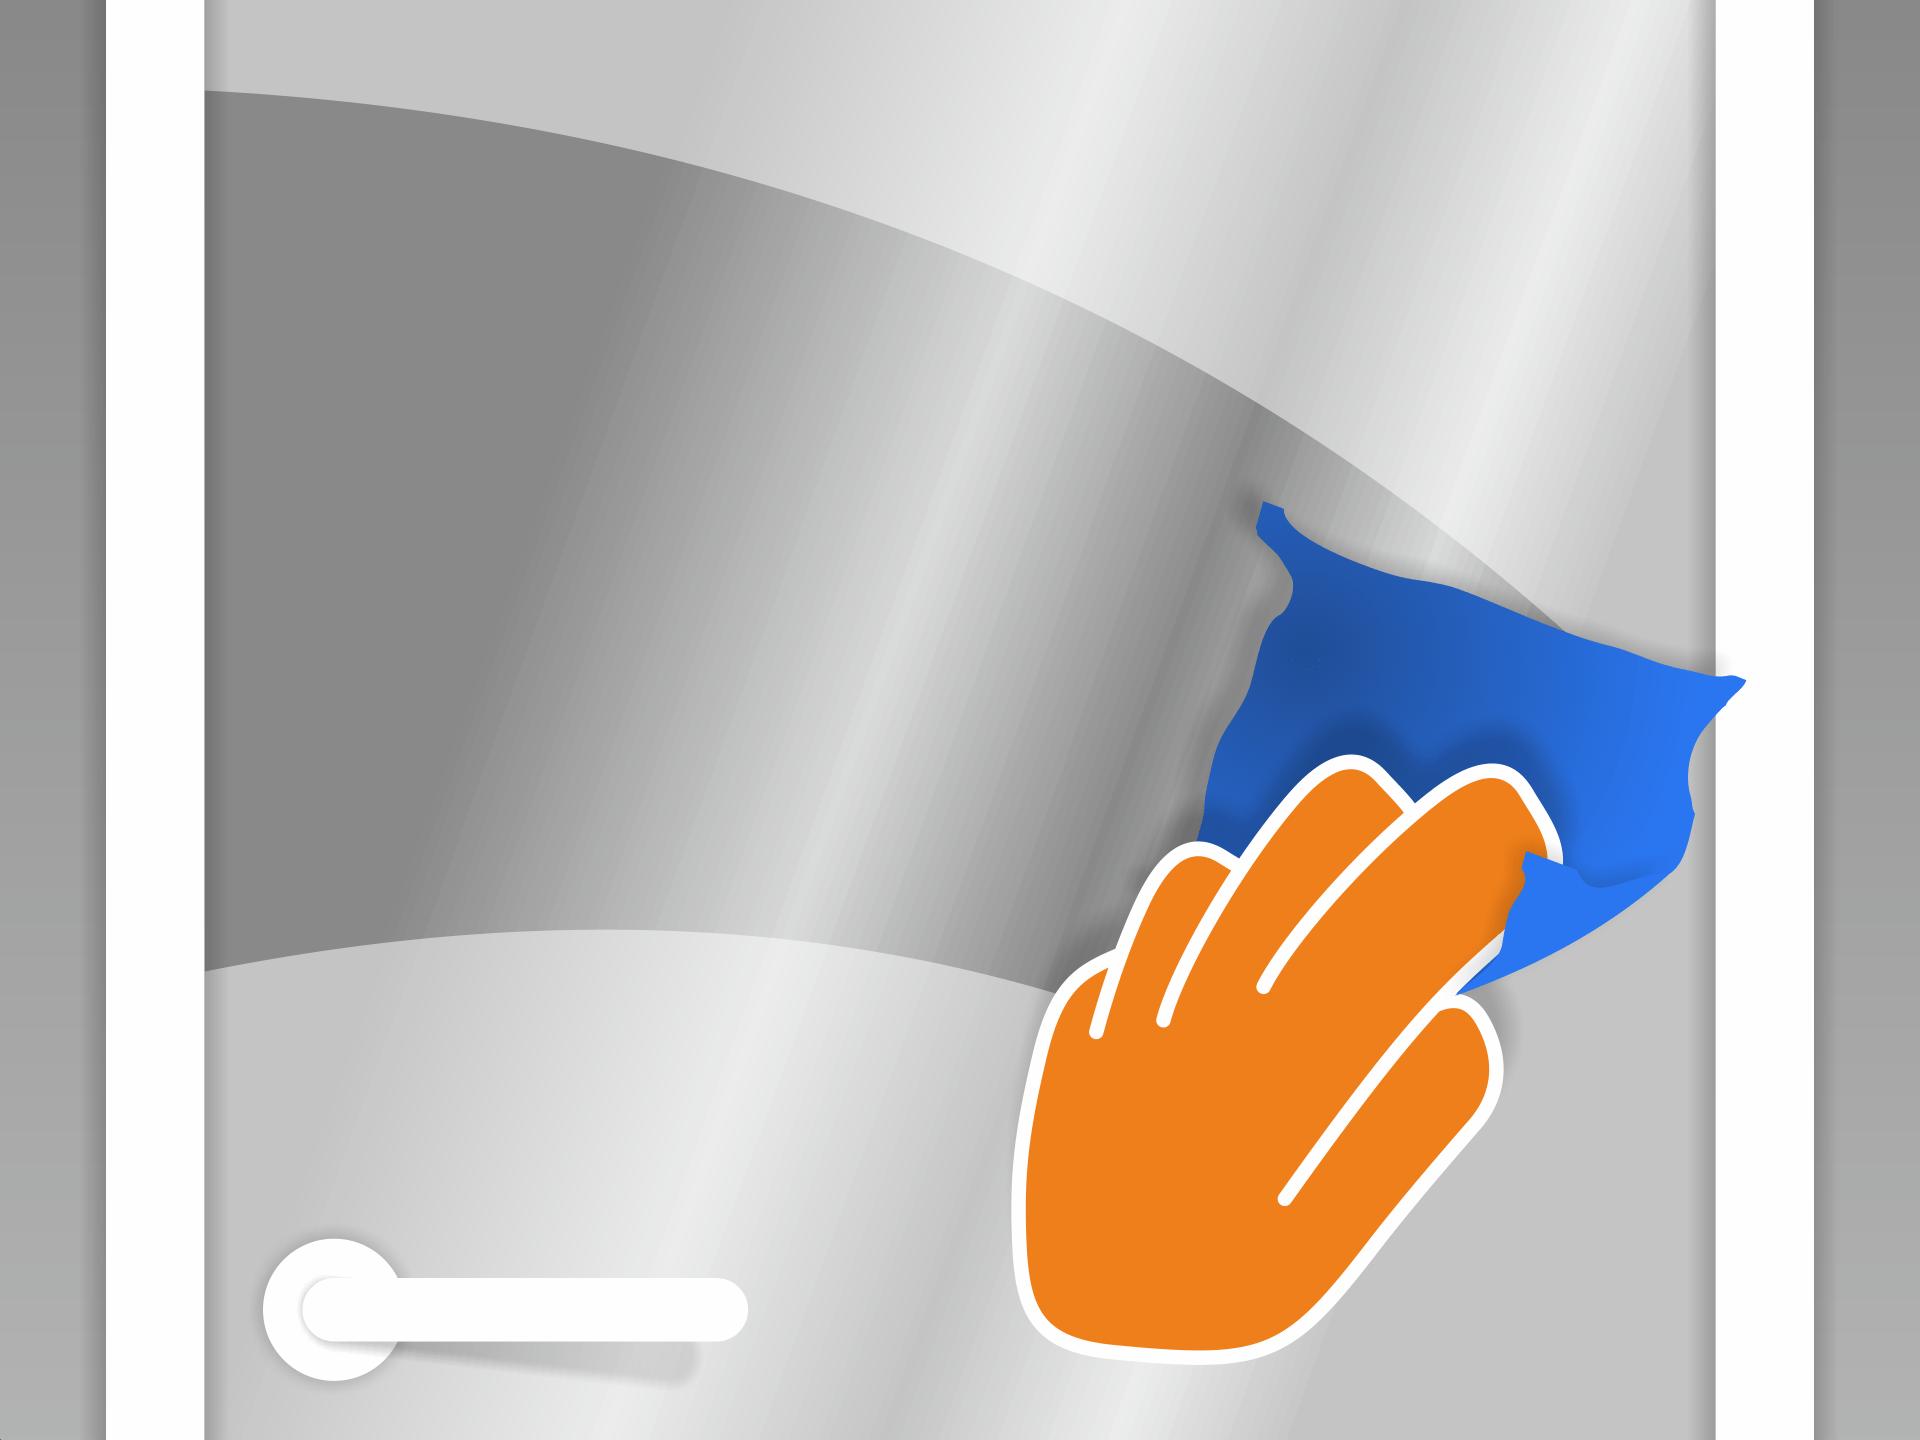 Die Scheibe gründlich mit Glasreiniger reinigen. Sie muss staub- und fettfrei sein auch im Randbereich. Klebe- oder Farbreste z.B. mit unserem Profi-Glasschaber oder einer Rasierklinge entfernen.